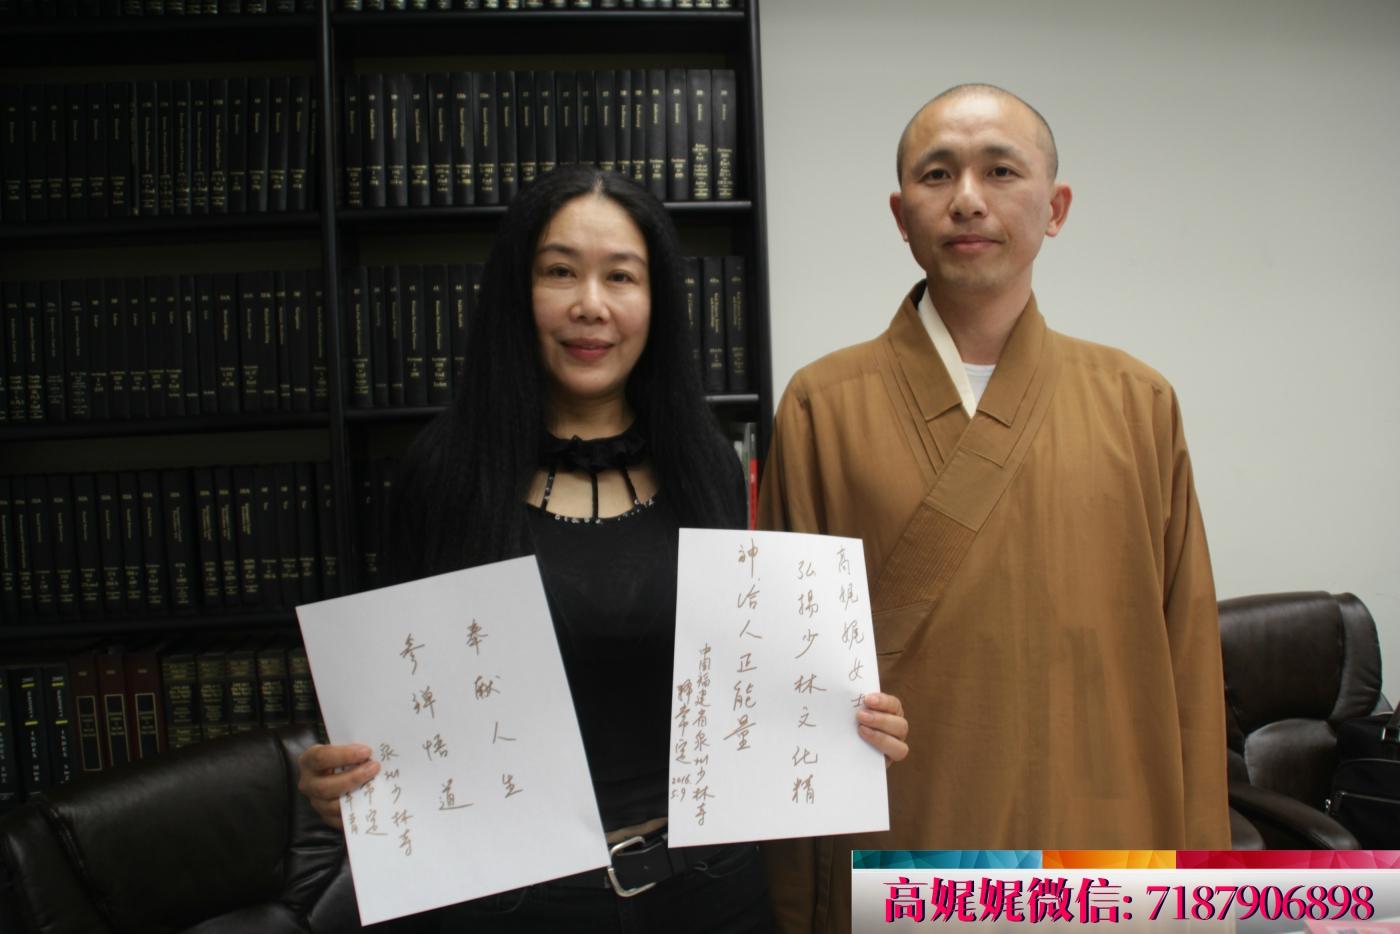 南少林寺首任方丈常定法师美国传佛_图1-2